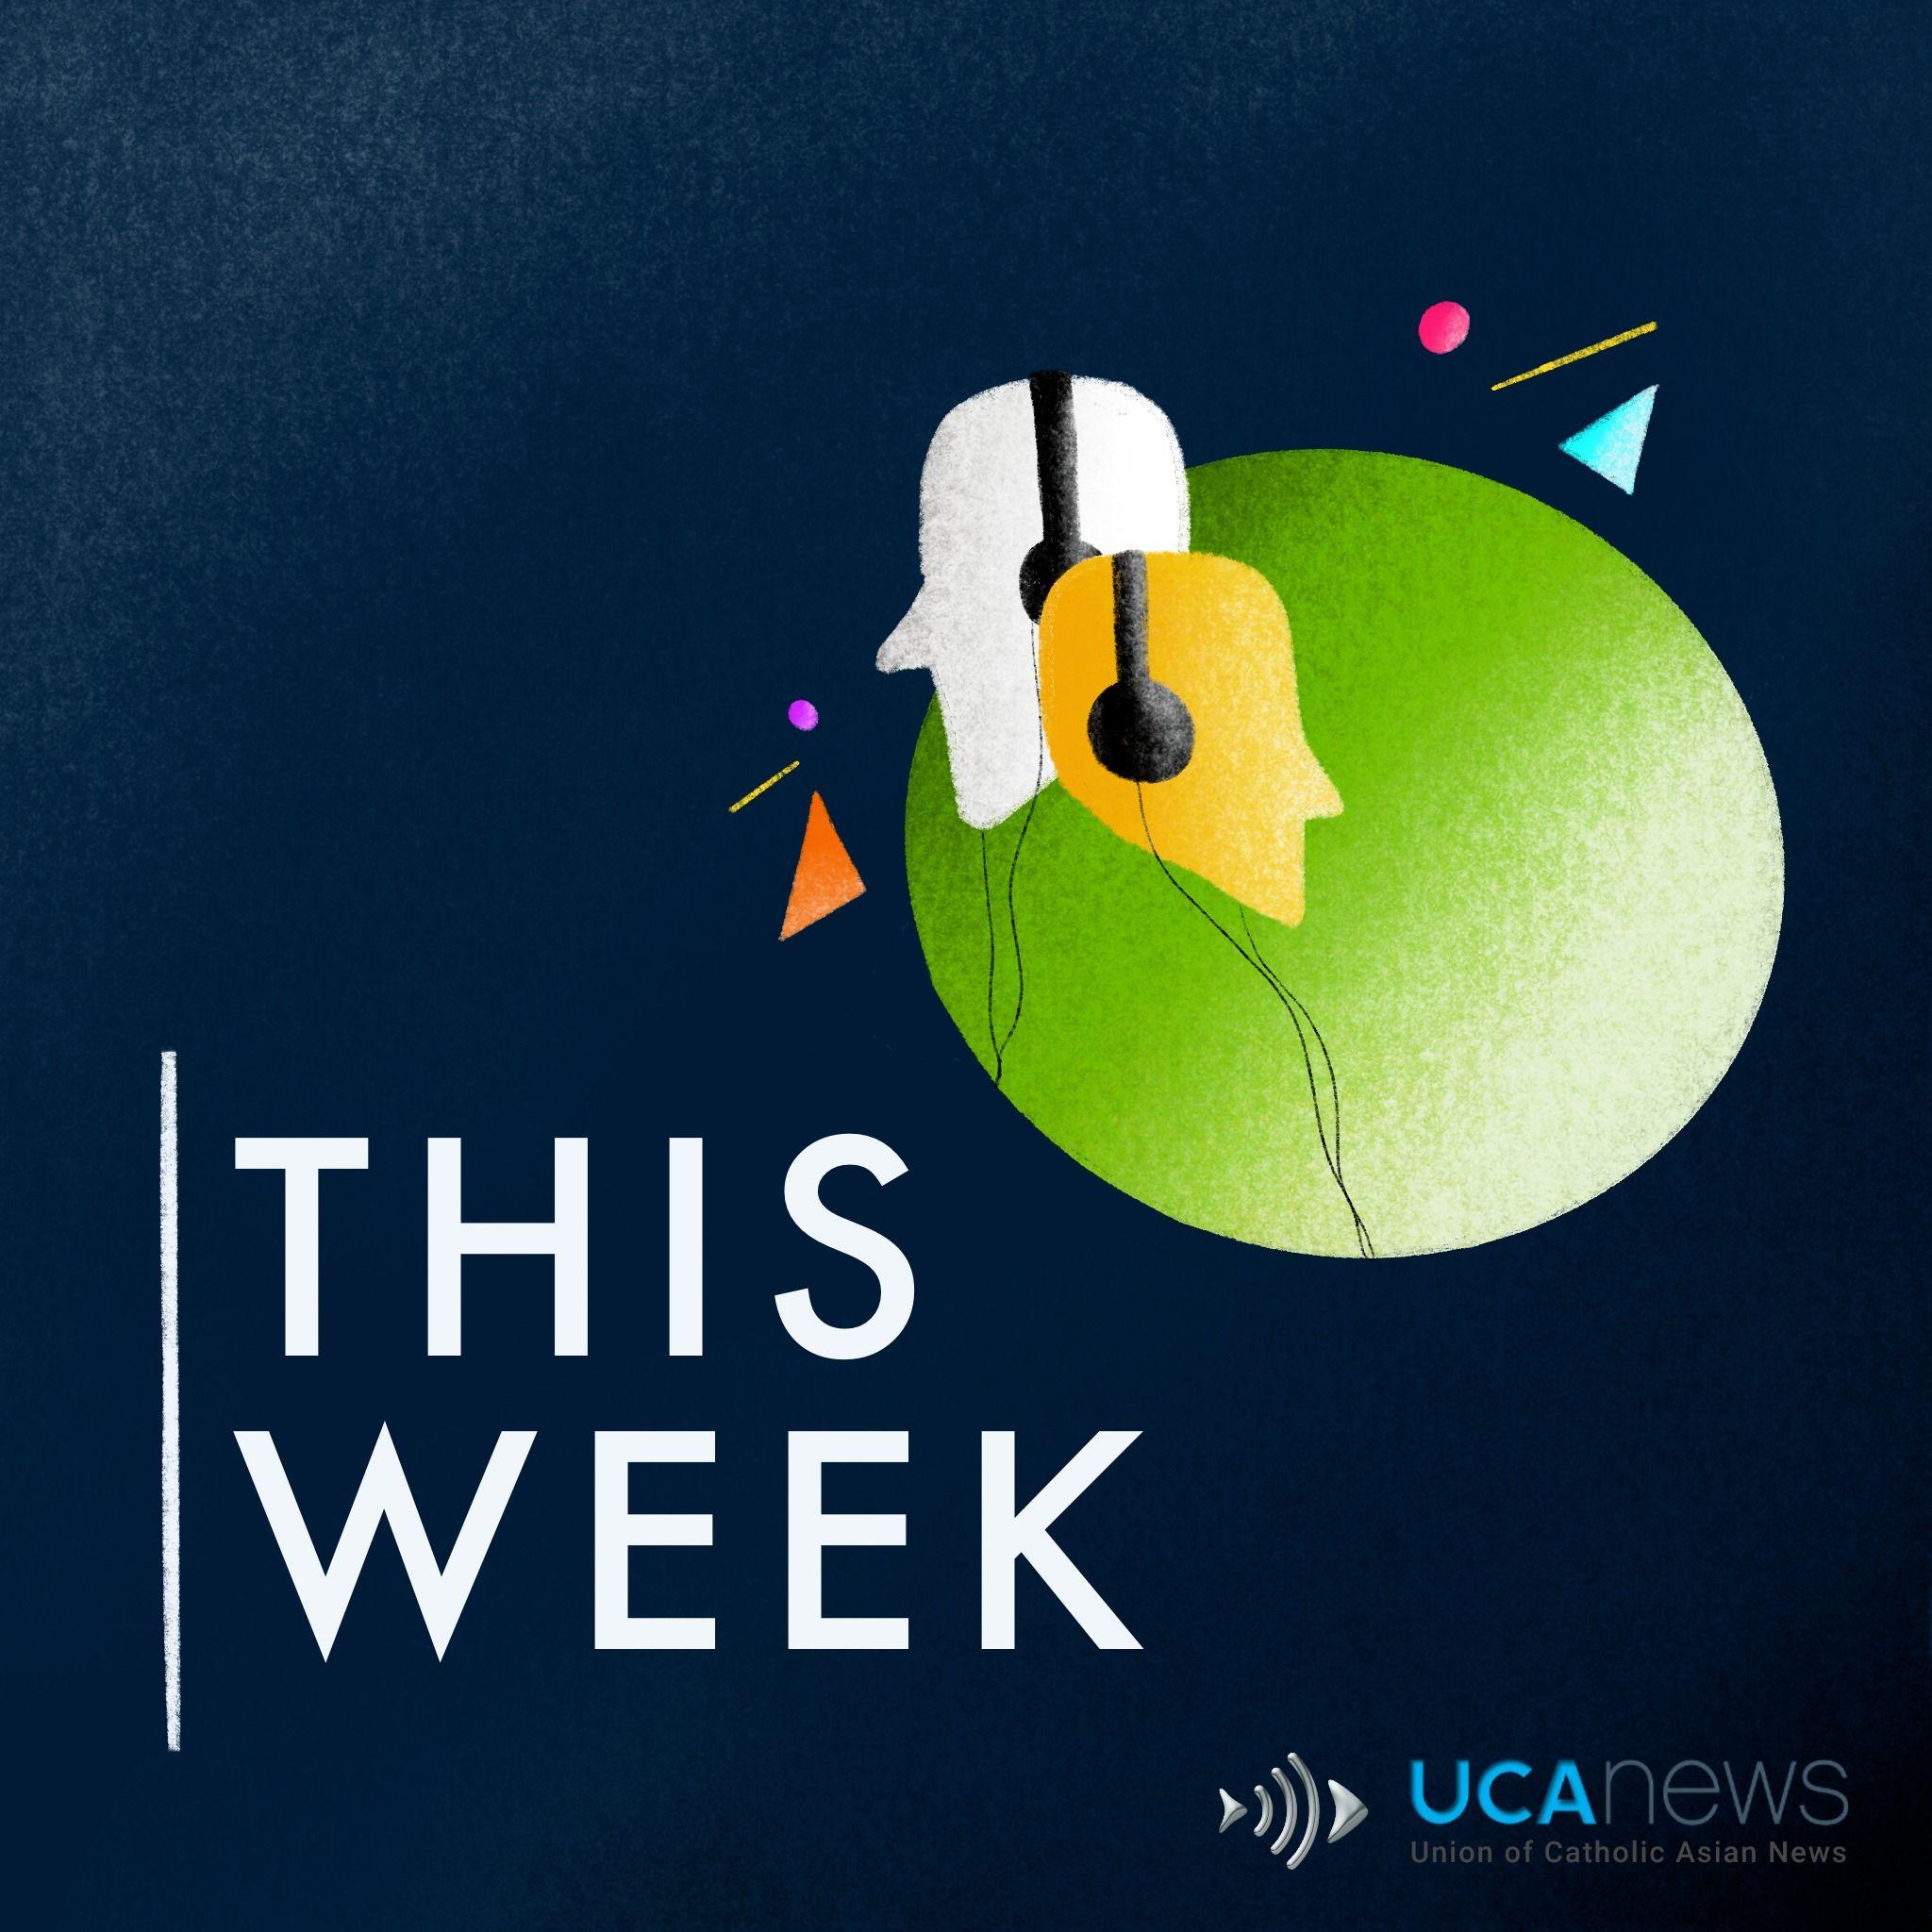 UCA News Weekly Summary, October 22, 2021